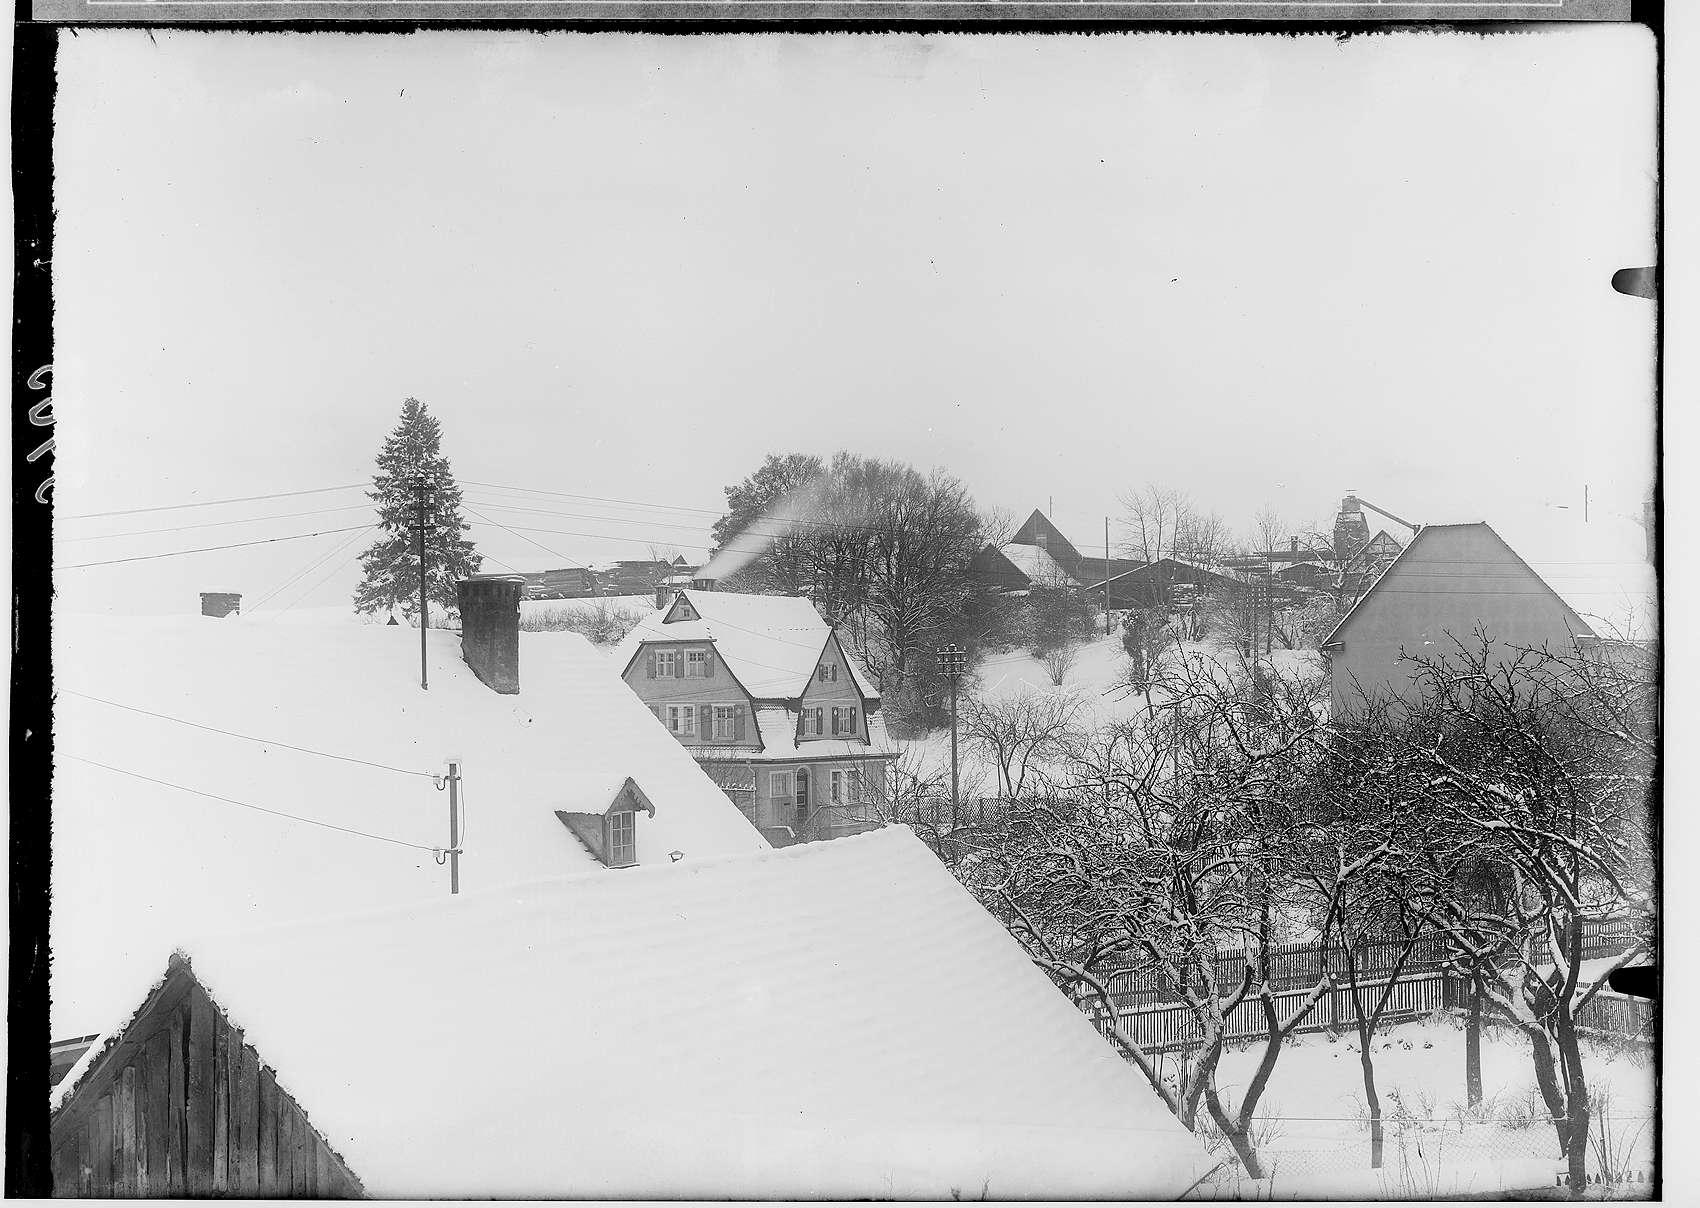 Josefinenstraße 35 - Haus des fürstlichen Baudirektors Johann Langenstein, im Hintergrund Firma Steidle, Bild 1